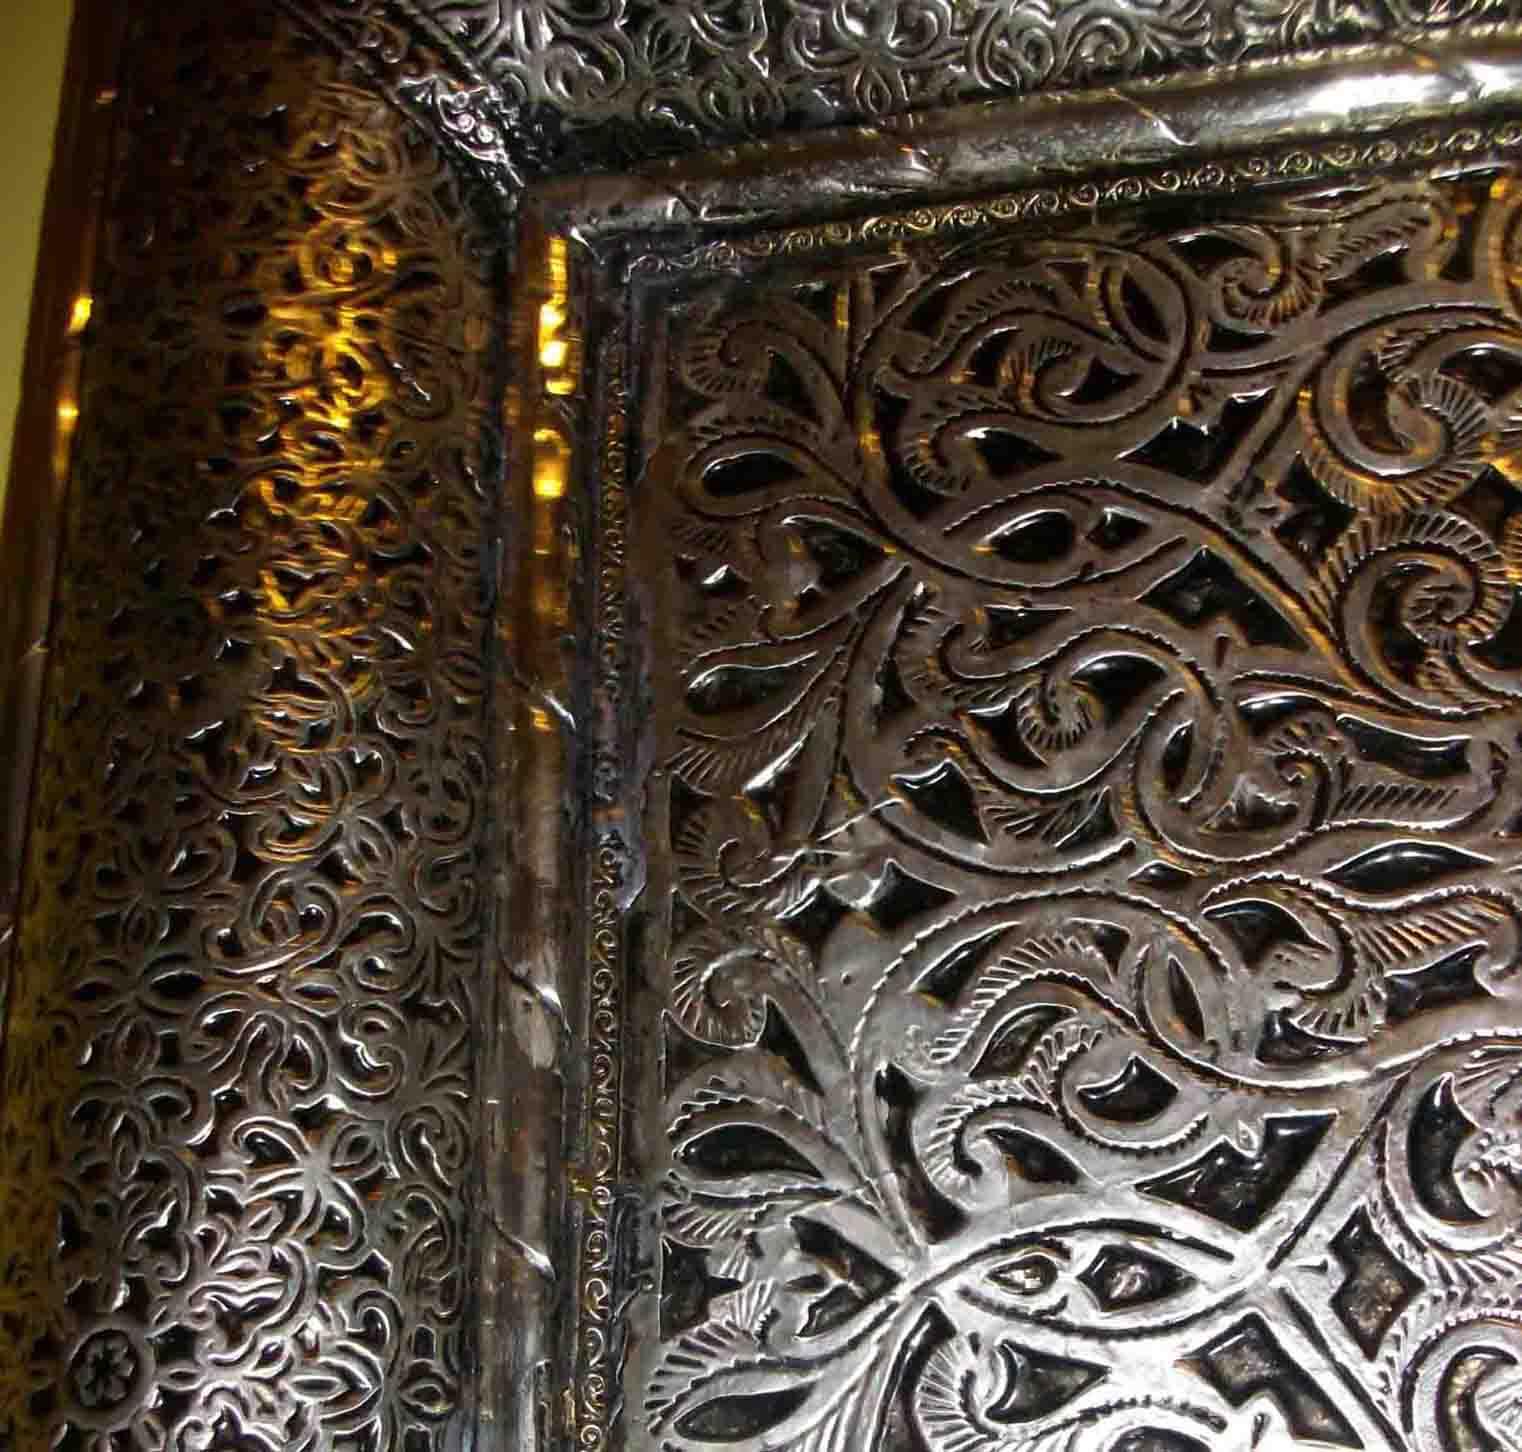 Specchio marocco decorazione pareti specchi marocco di artigianato vulcano ecommerce - Mobili marocchini ...